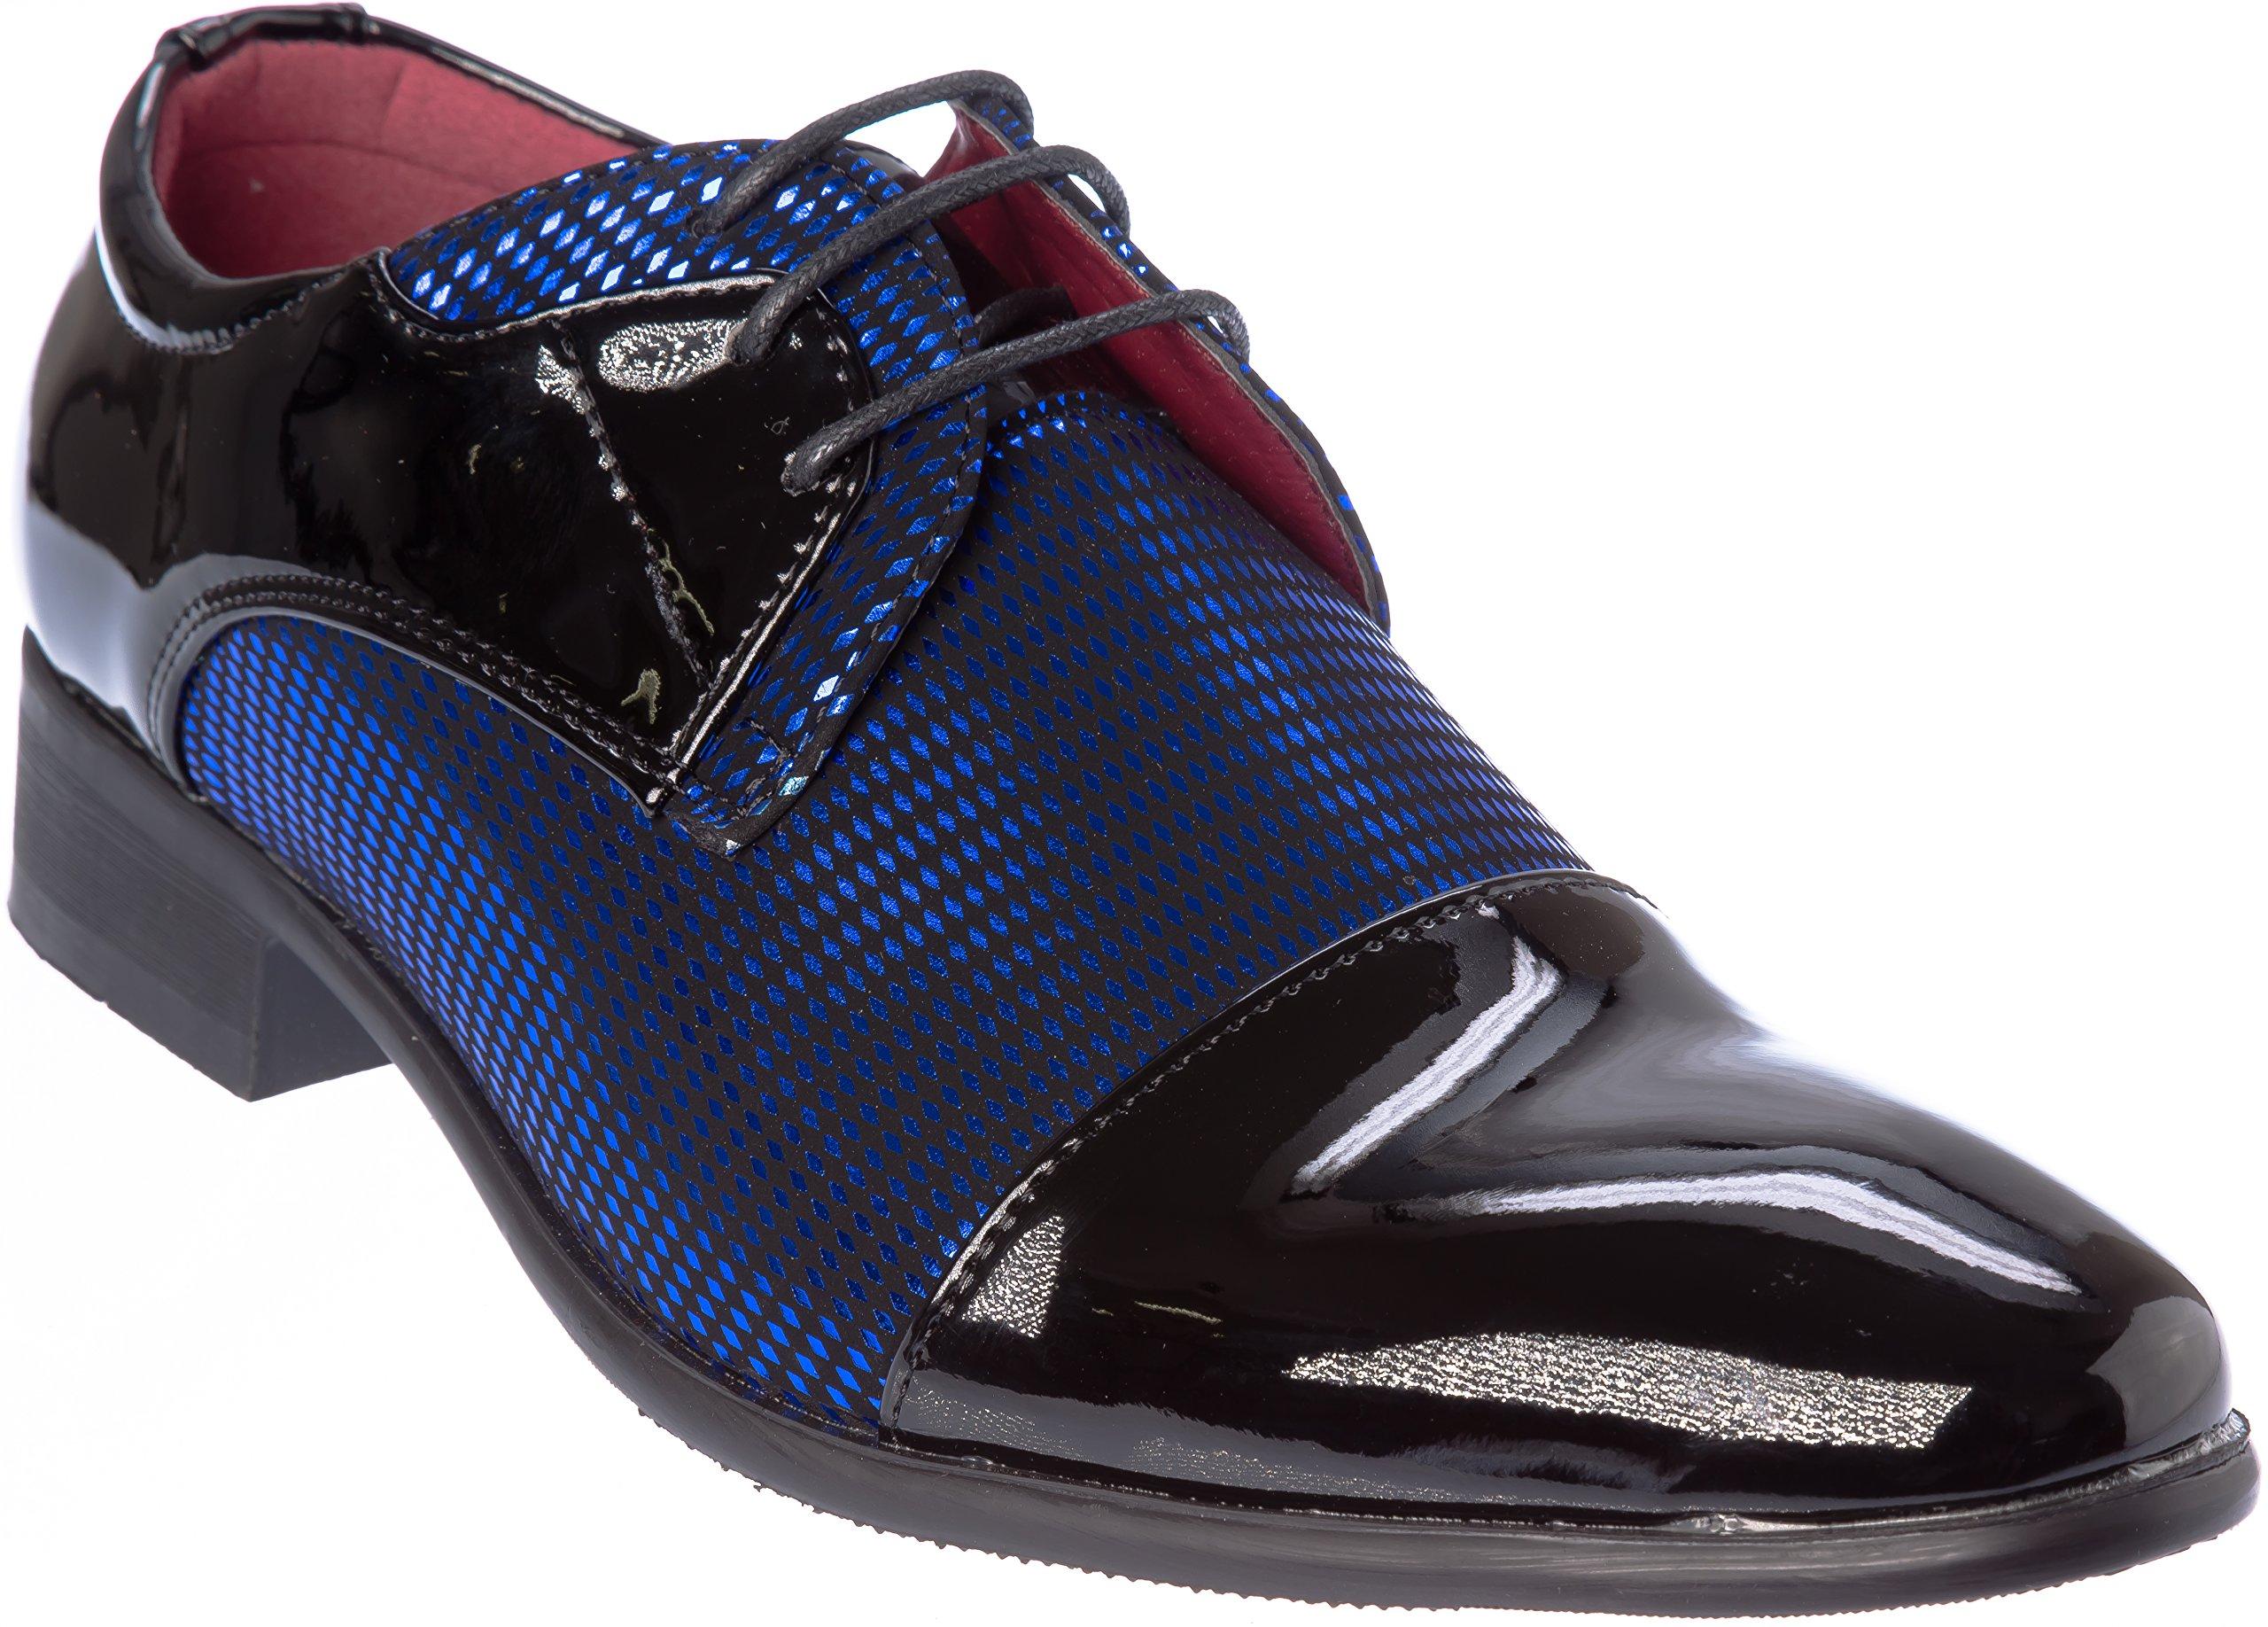 novak01 Mens Lace-up Oxford Black-Blue Dress-Shoes Size 13